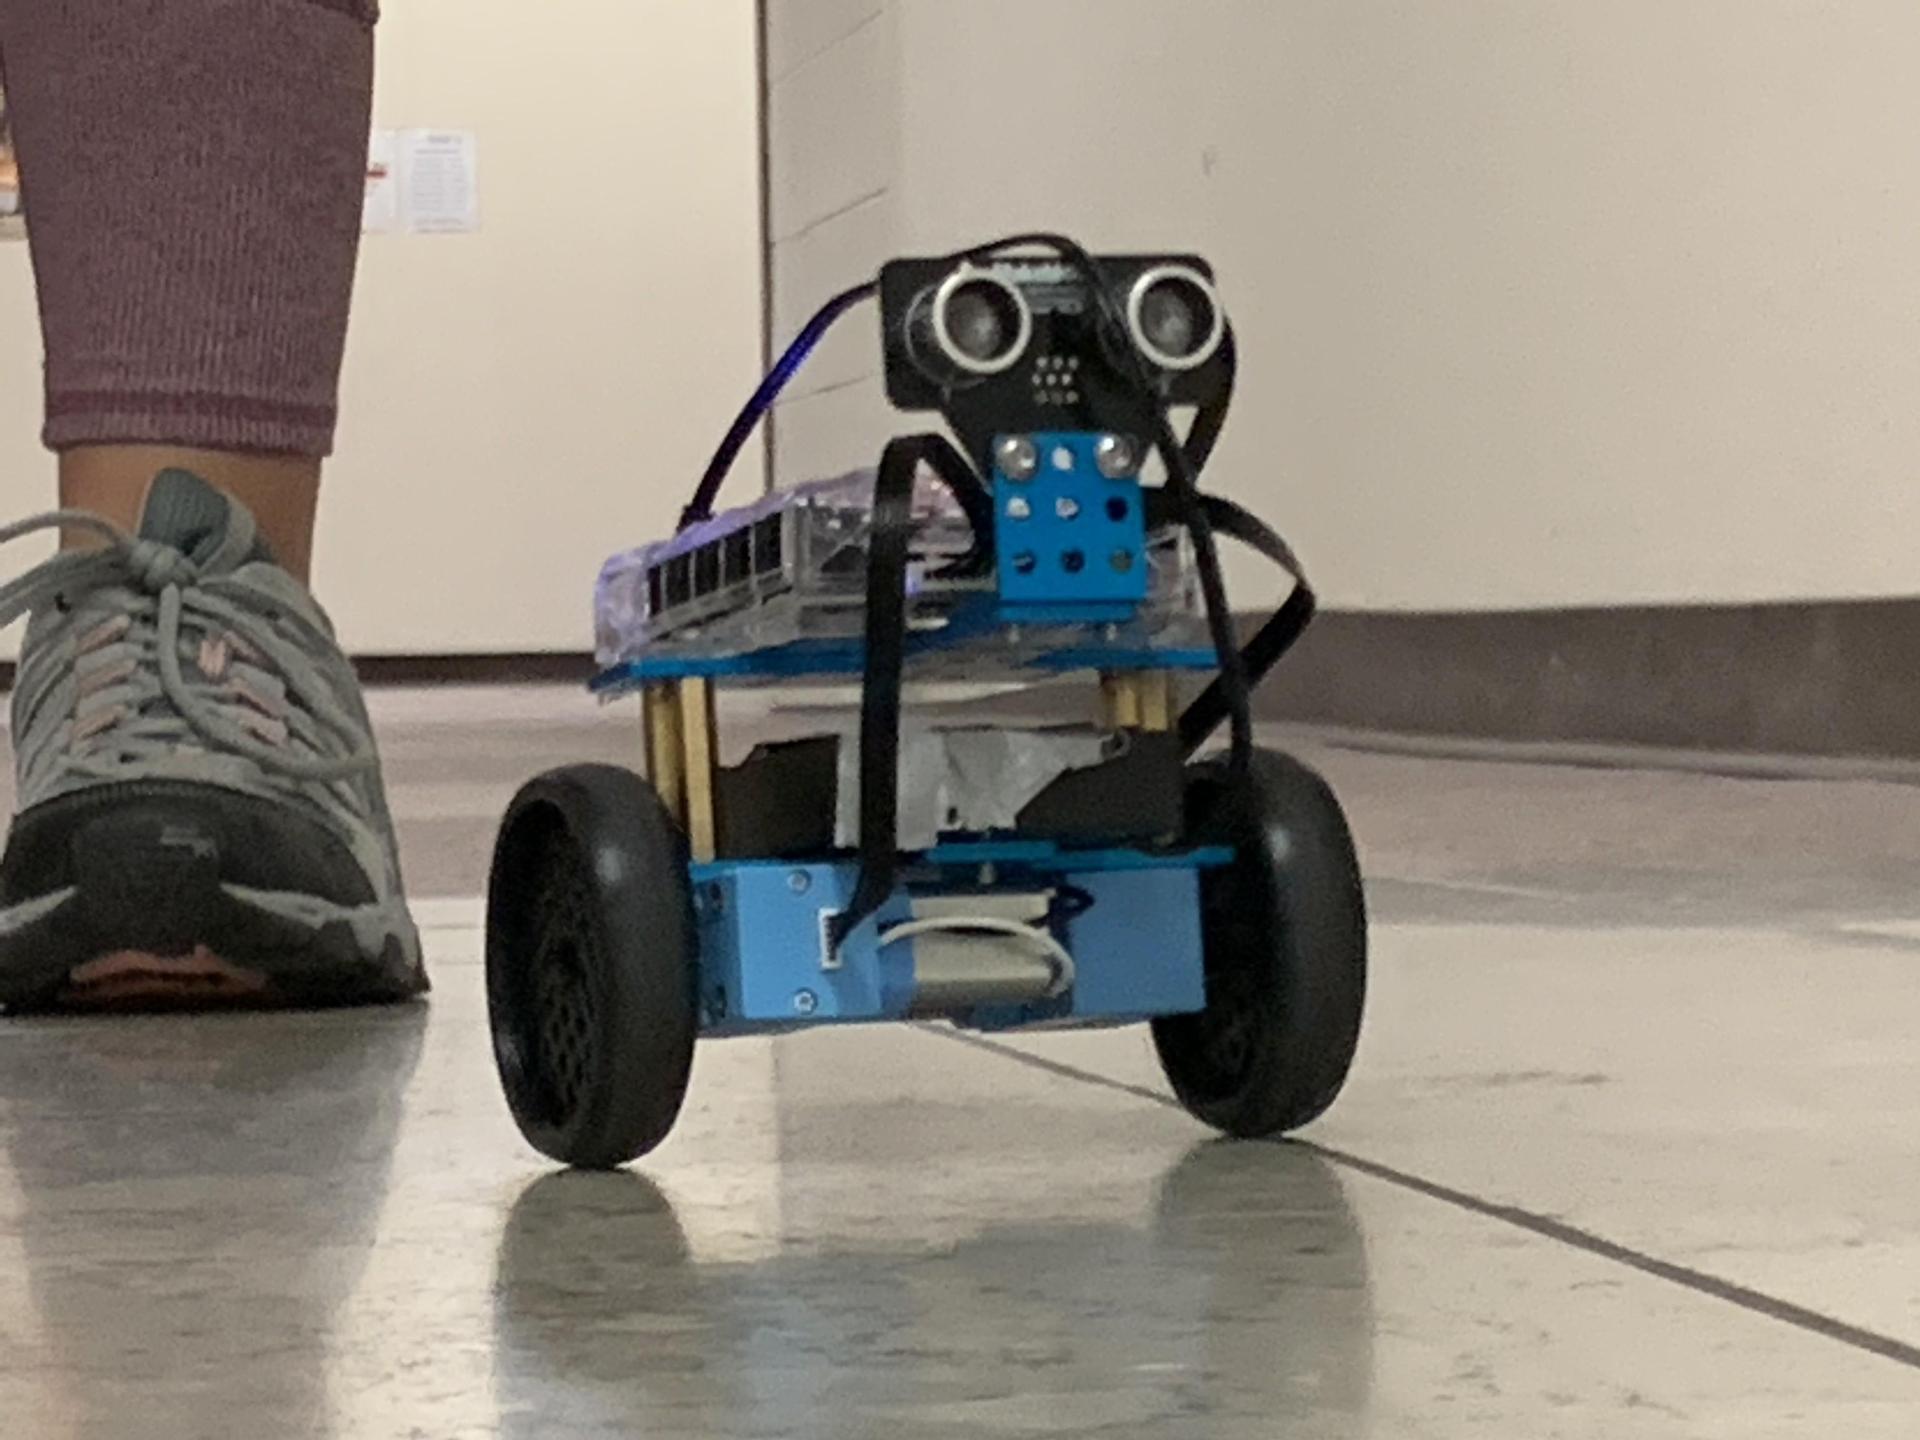 Qubit Queens - Dragons Who code - Robotics